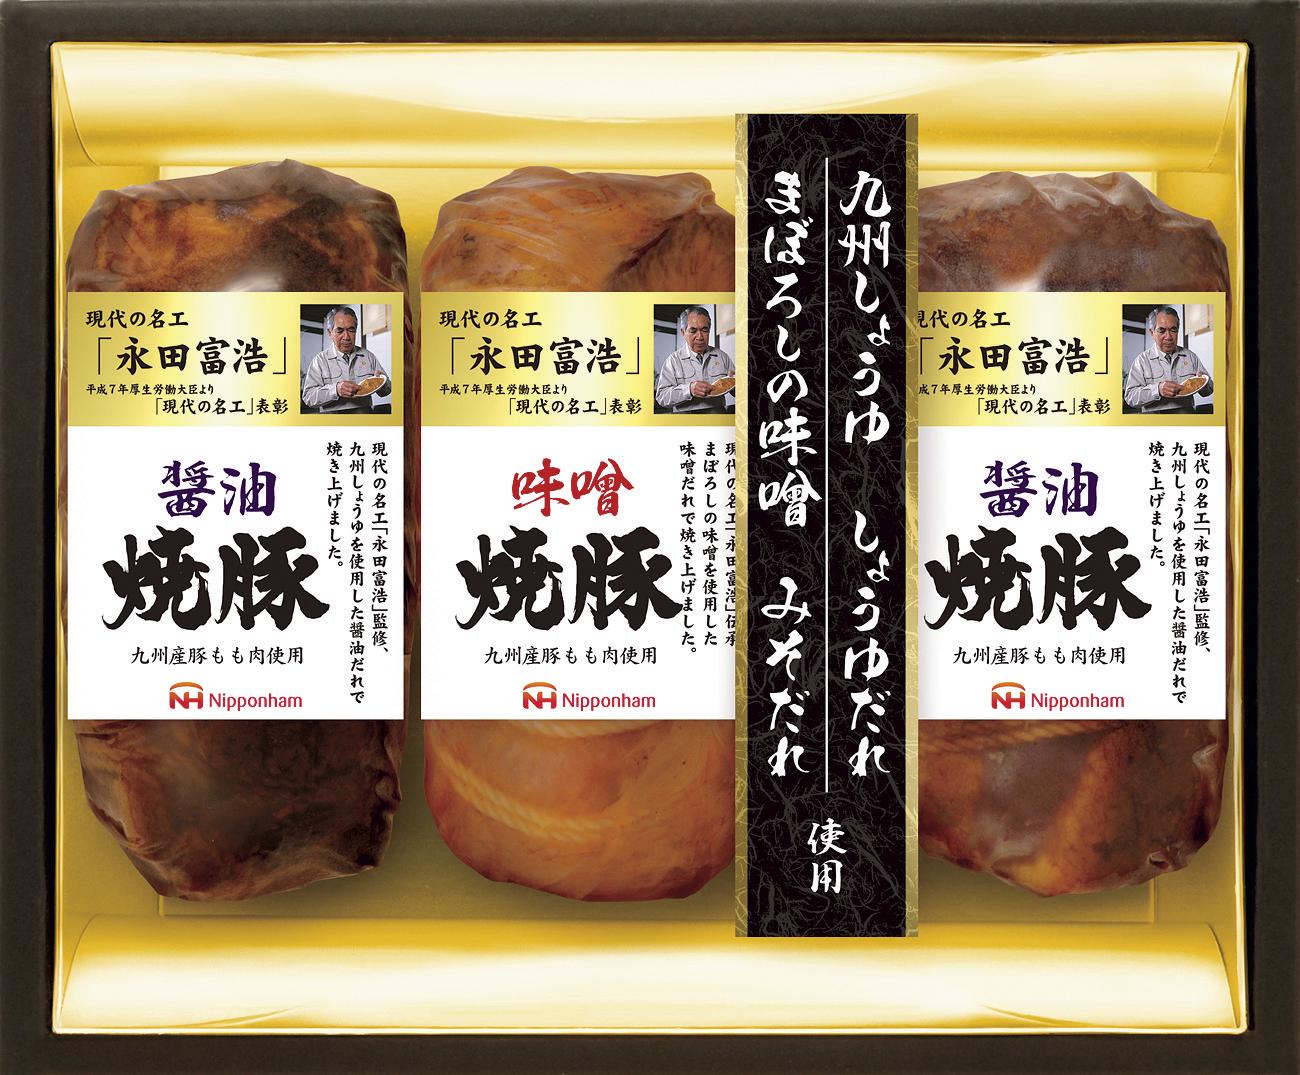 【送料無料】054 日本ハム 九州産豚肉使用焼豚セット<MBP-40>【御歳暮】【お歳暮】【お届け期間:11/17~12/21】